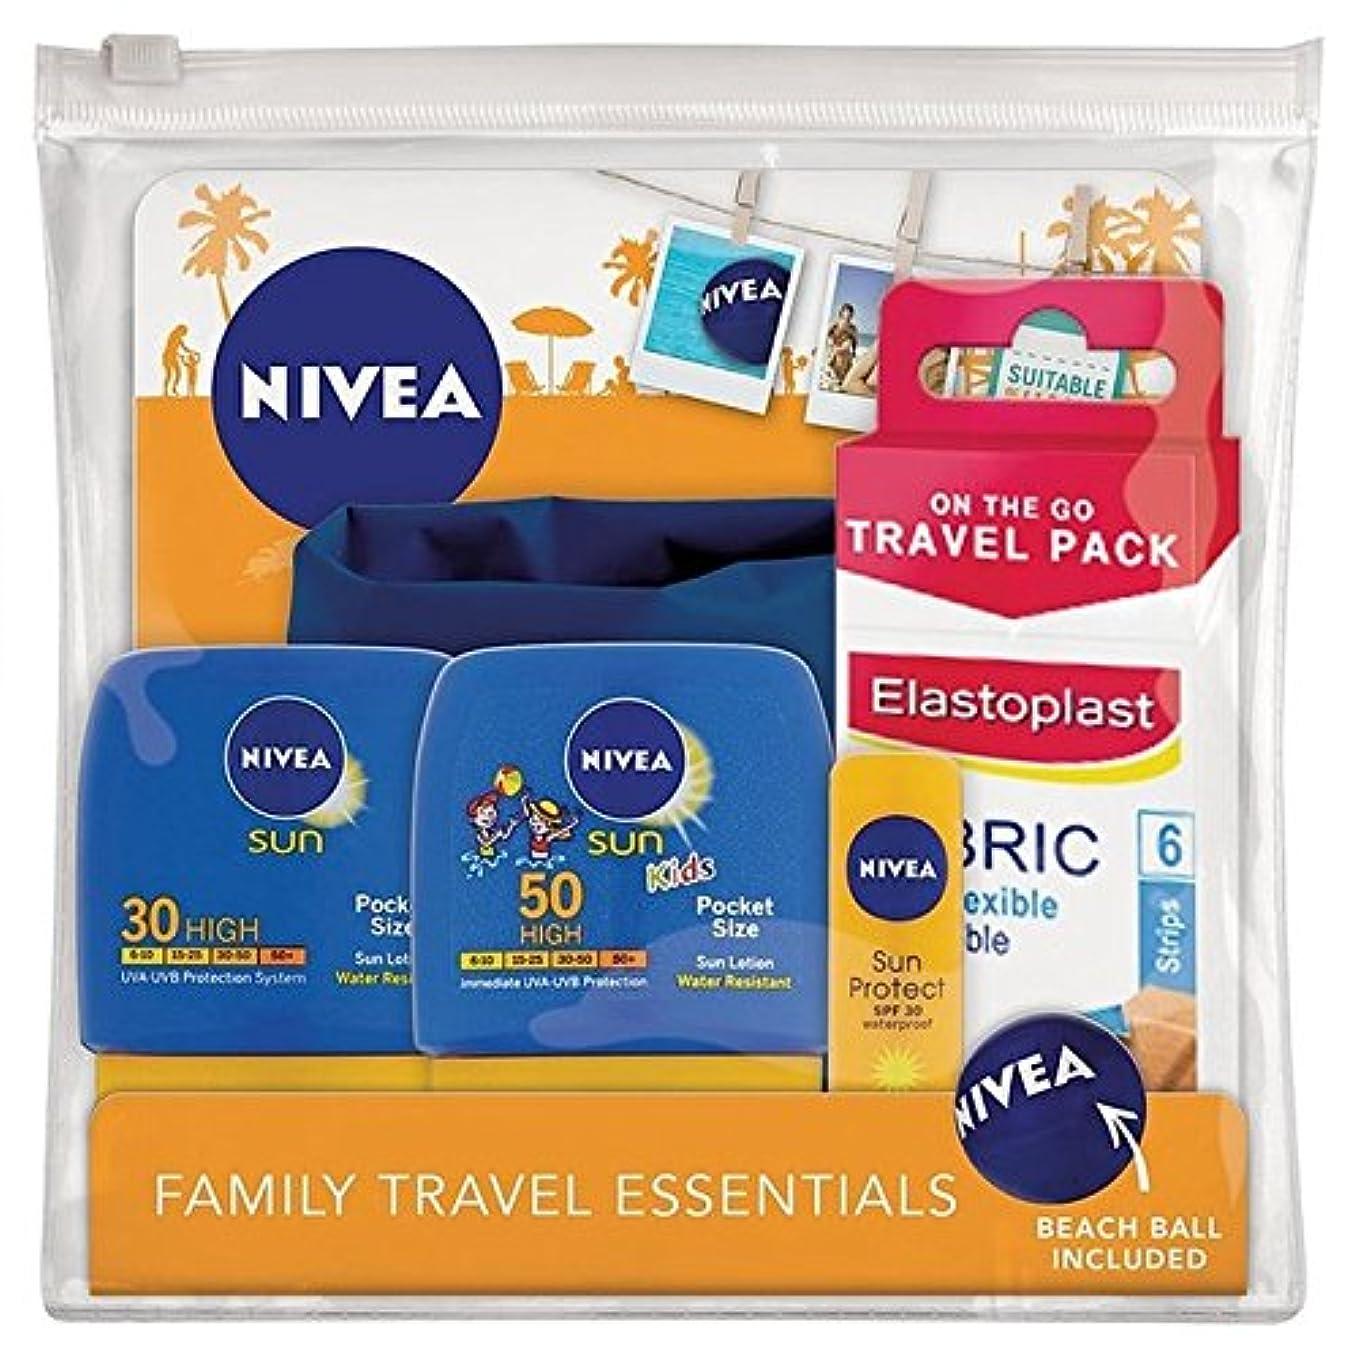 フェンス緩やかな多様なニベア日旅行パック x2 - Nivea Sun Travel Pack (Pack of 2) [並行輸入品]